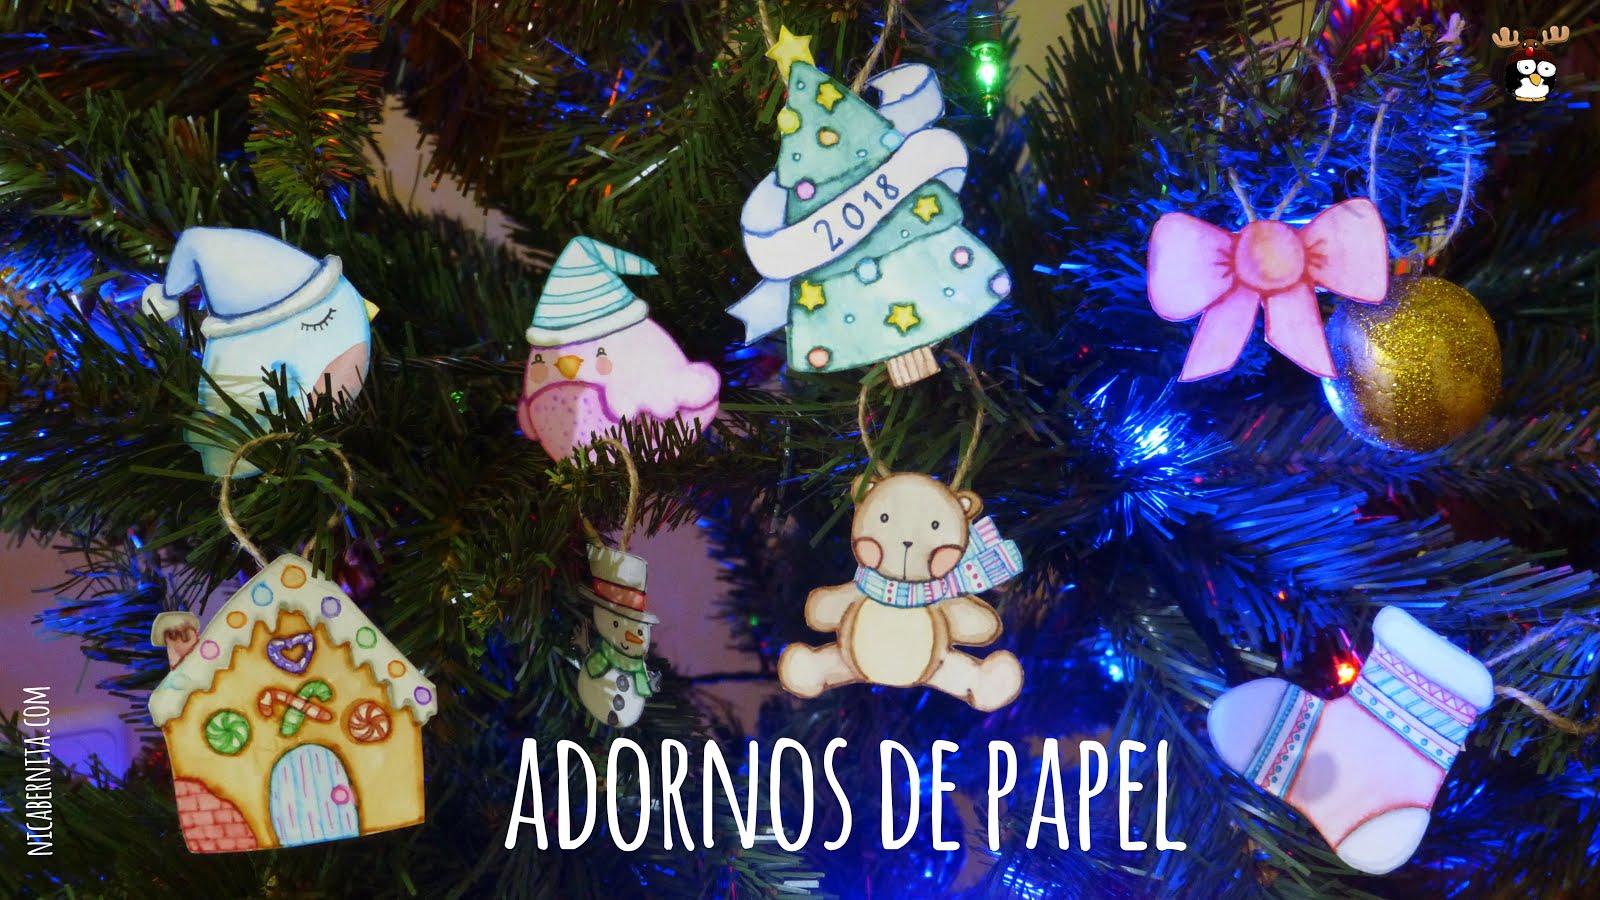 Diy adornos de papel para navidad decoraci n navide a casera - Decoracion navidena casera ...